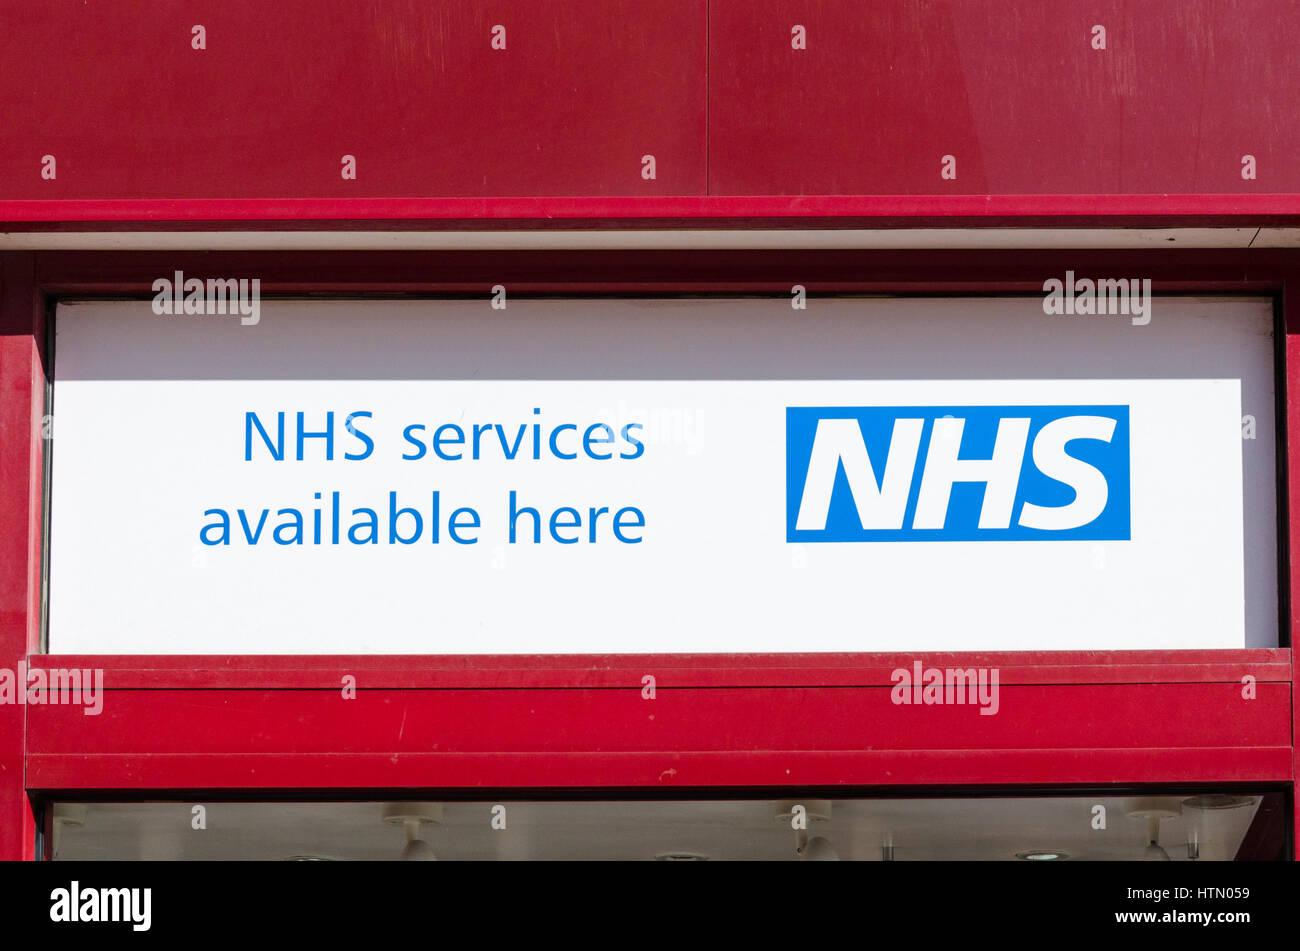 Melden Sie sich bei Apotheke Werbedienstleistungen NHS zur Verfügung Stockbild